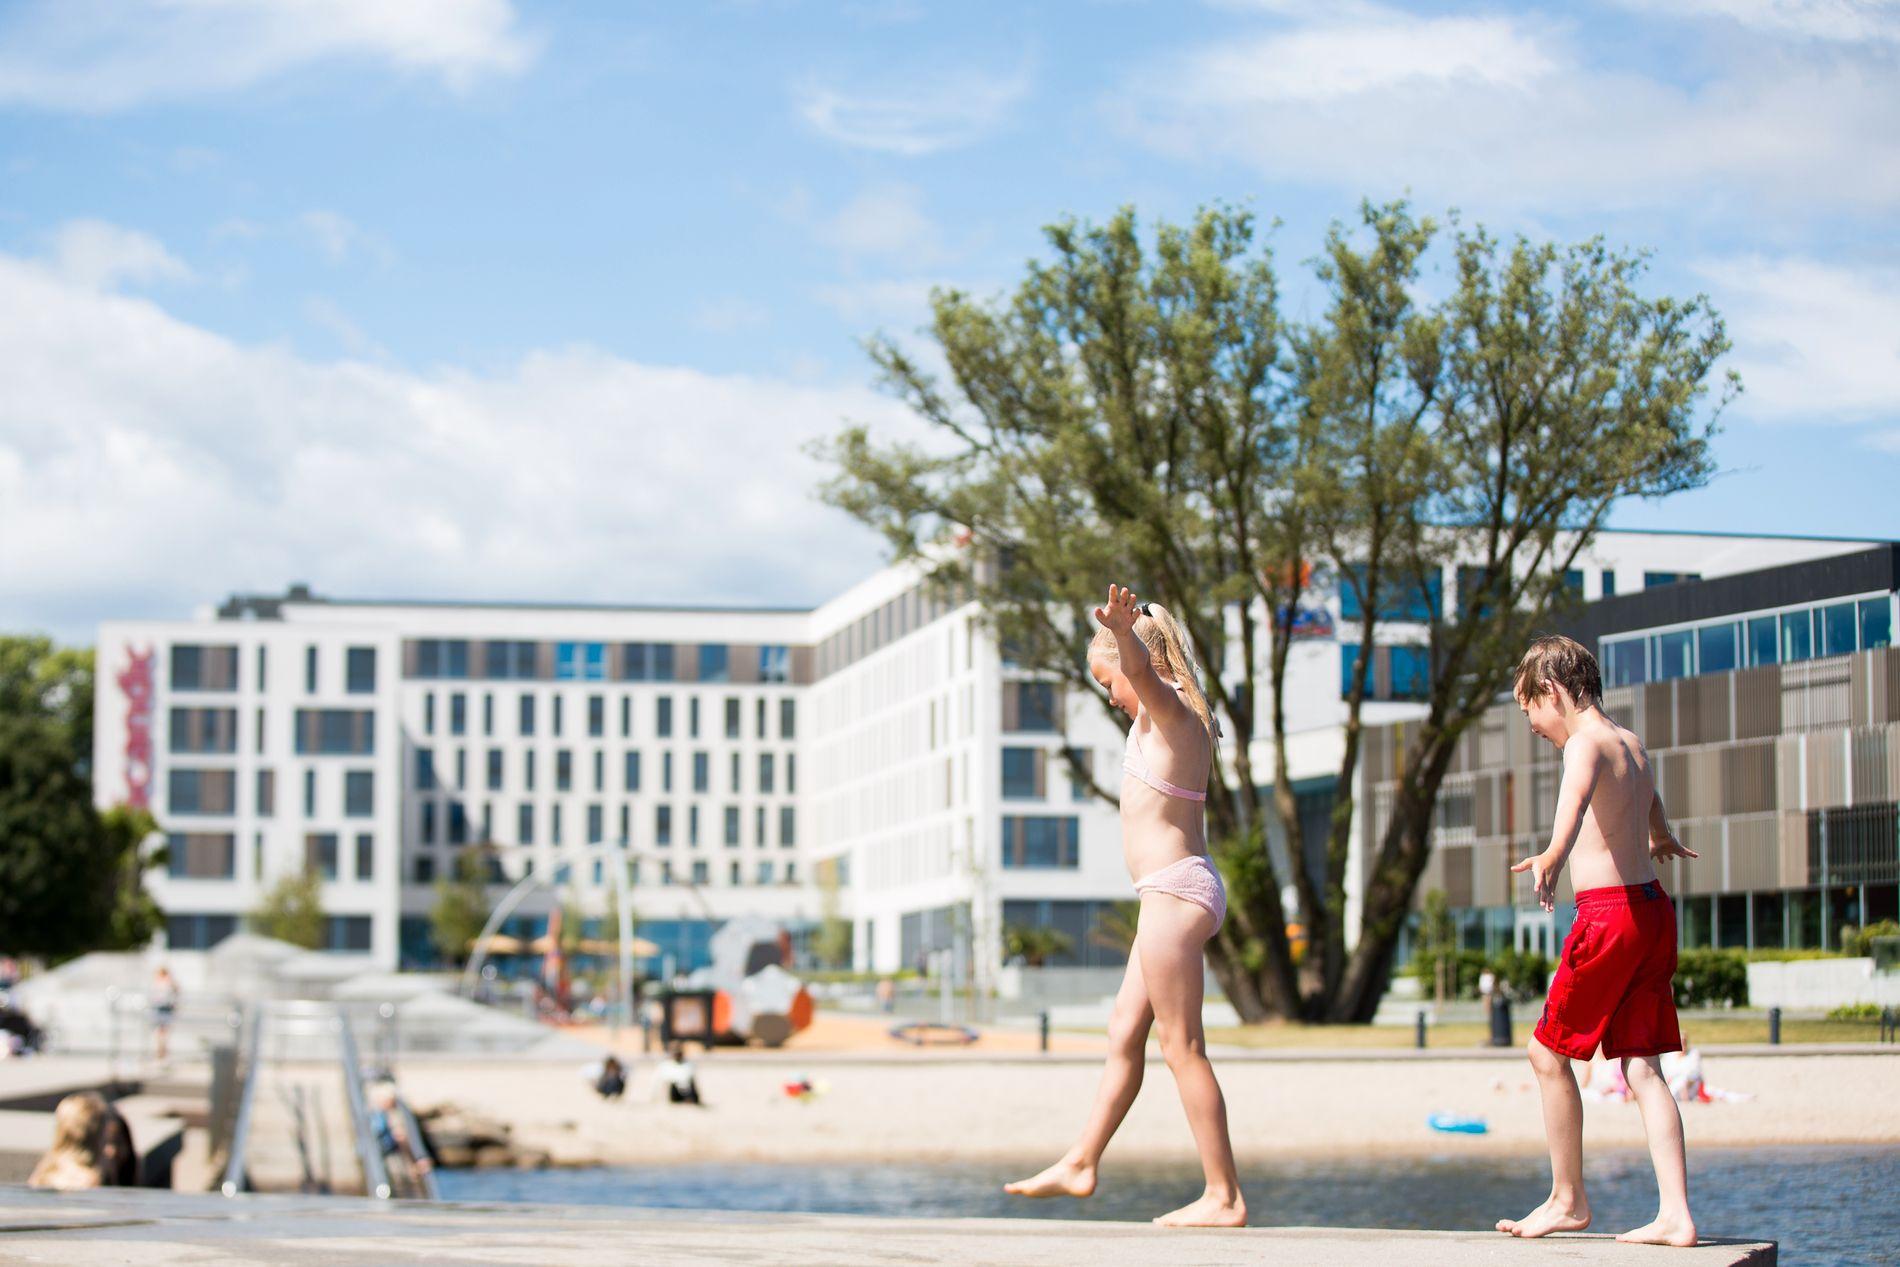 FERIEFAVORITT: Sørlandet er en soleklar feriedestinasjon for mange nordmenn om sommeren.